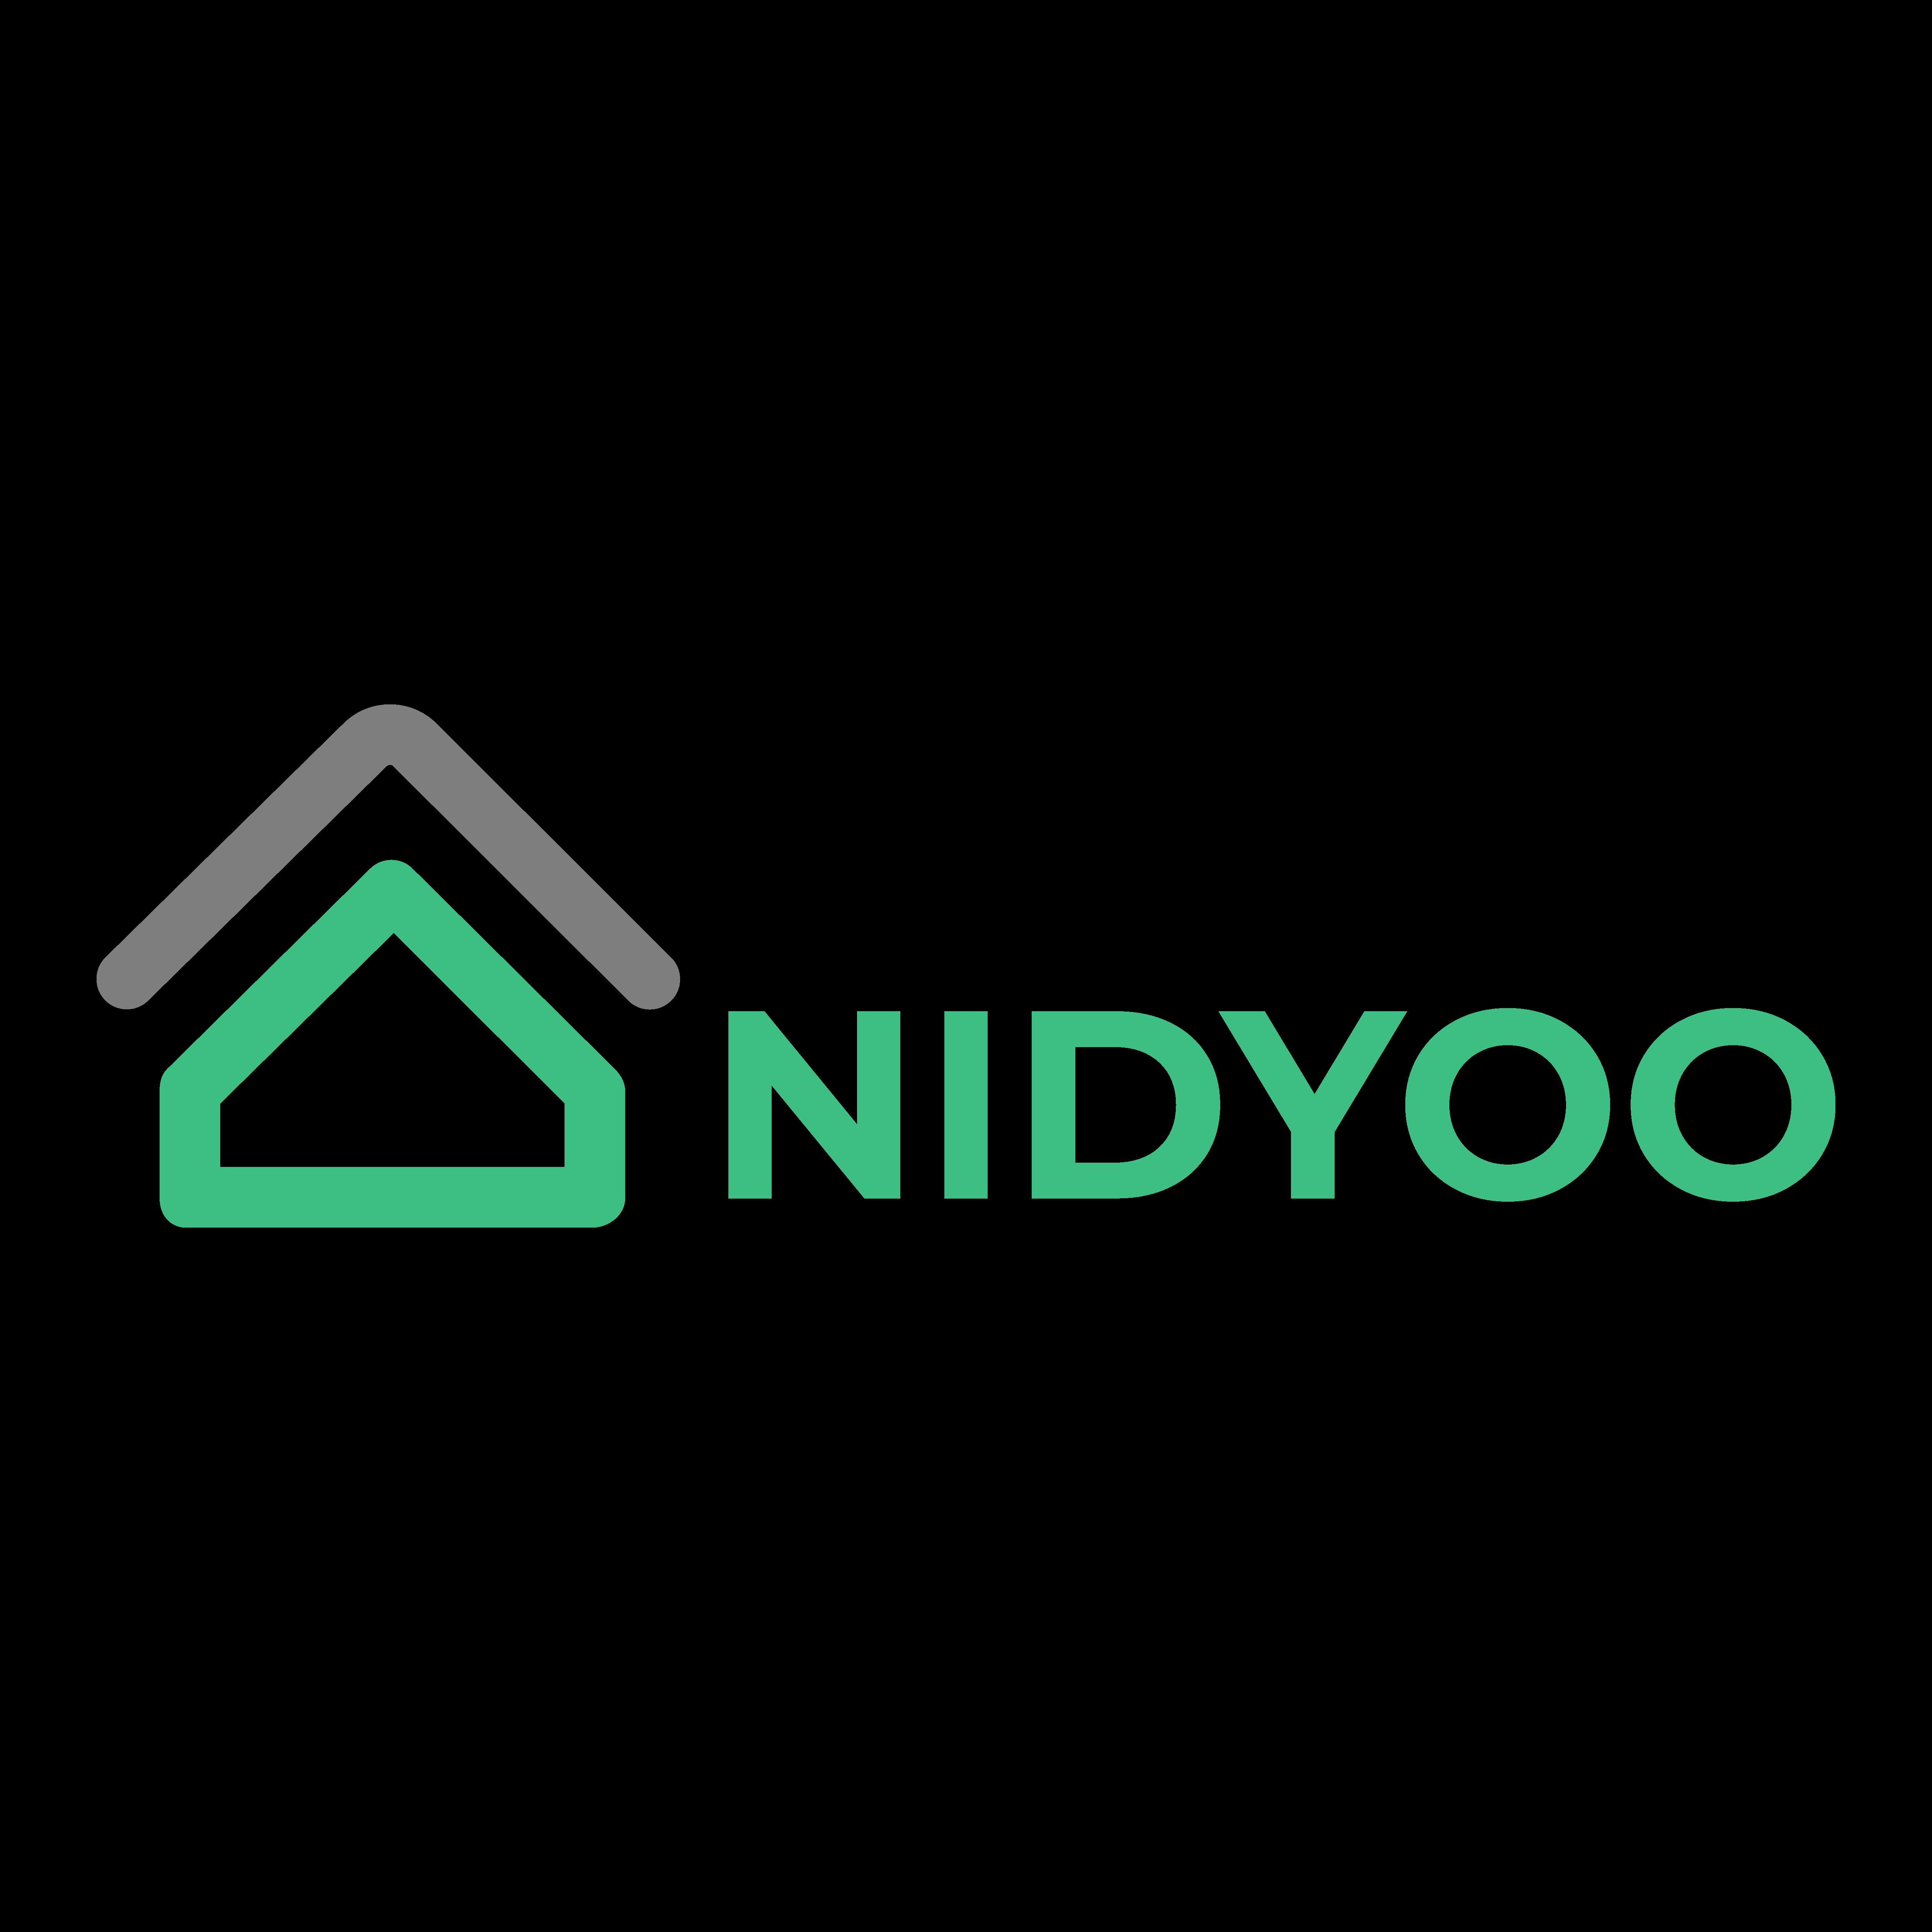 Nidyoo logo